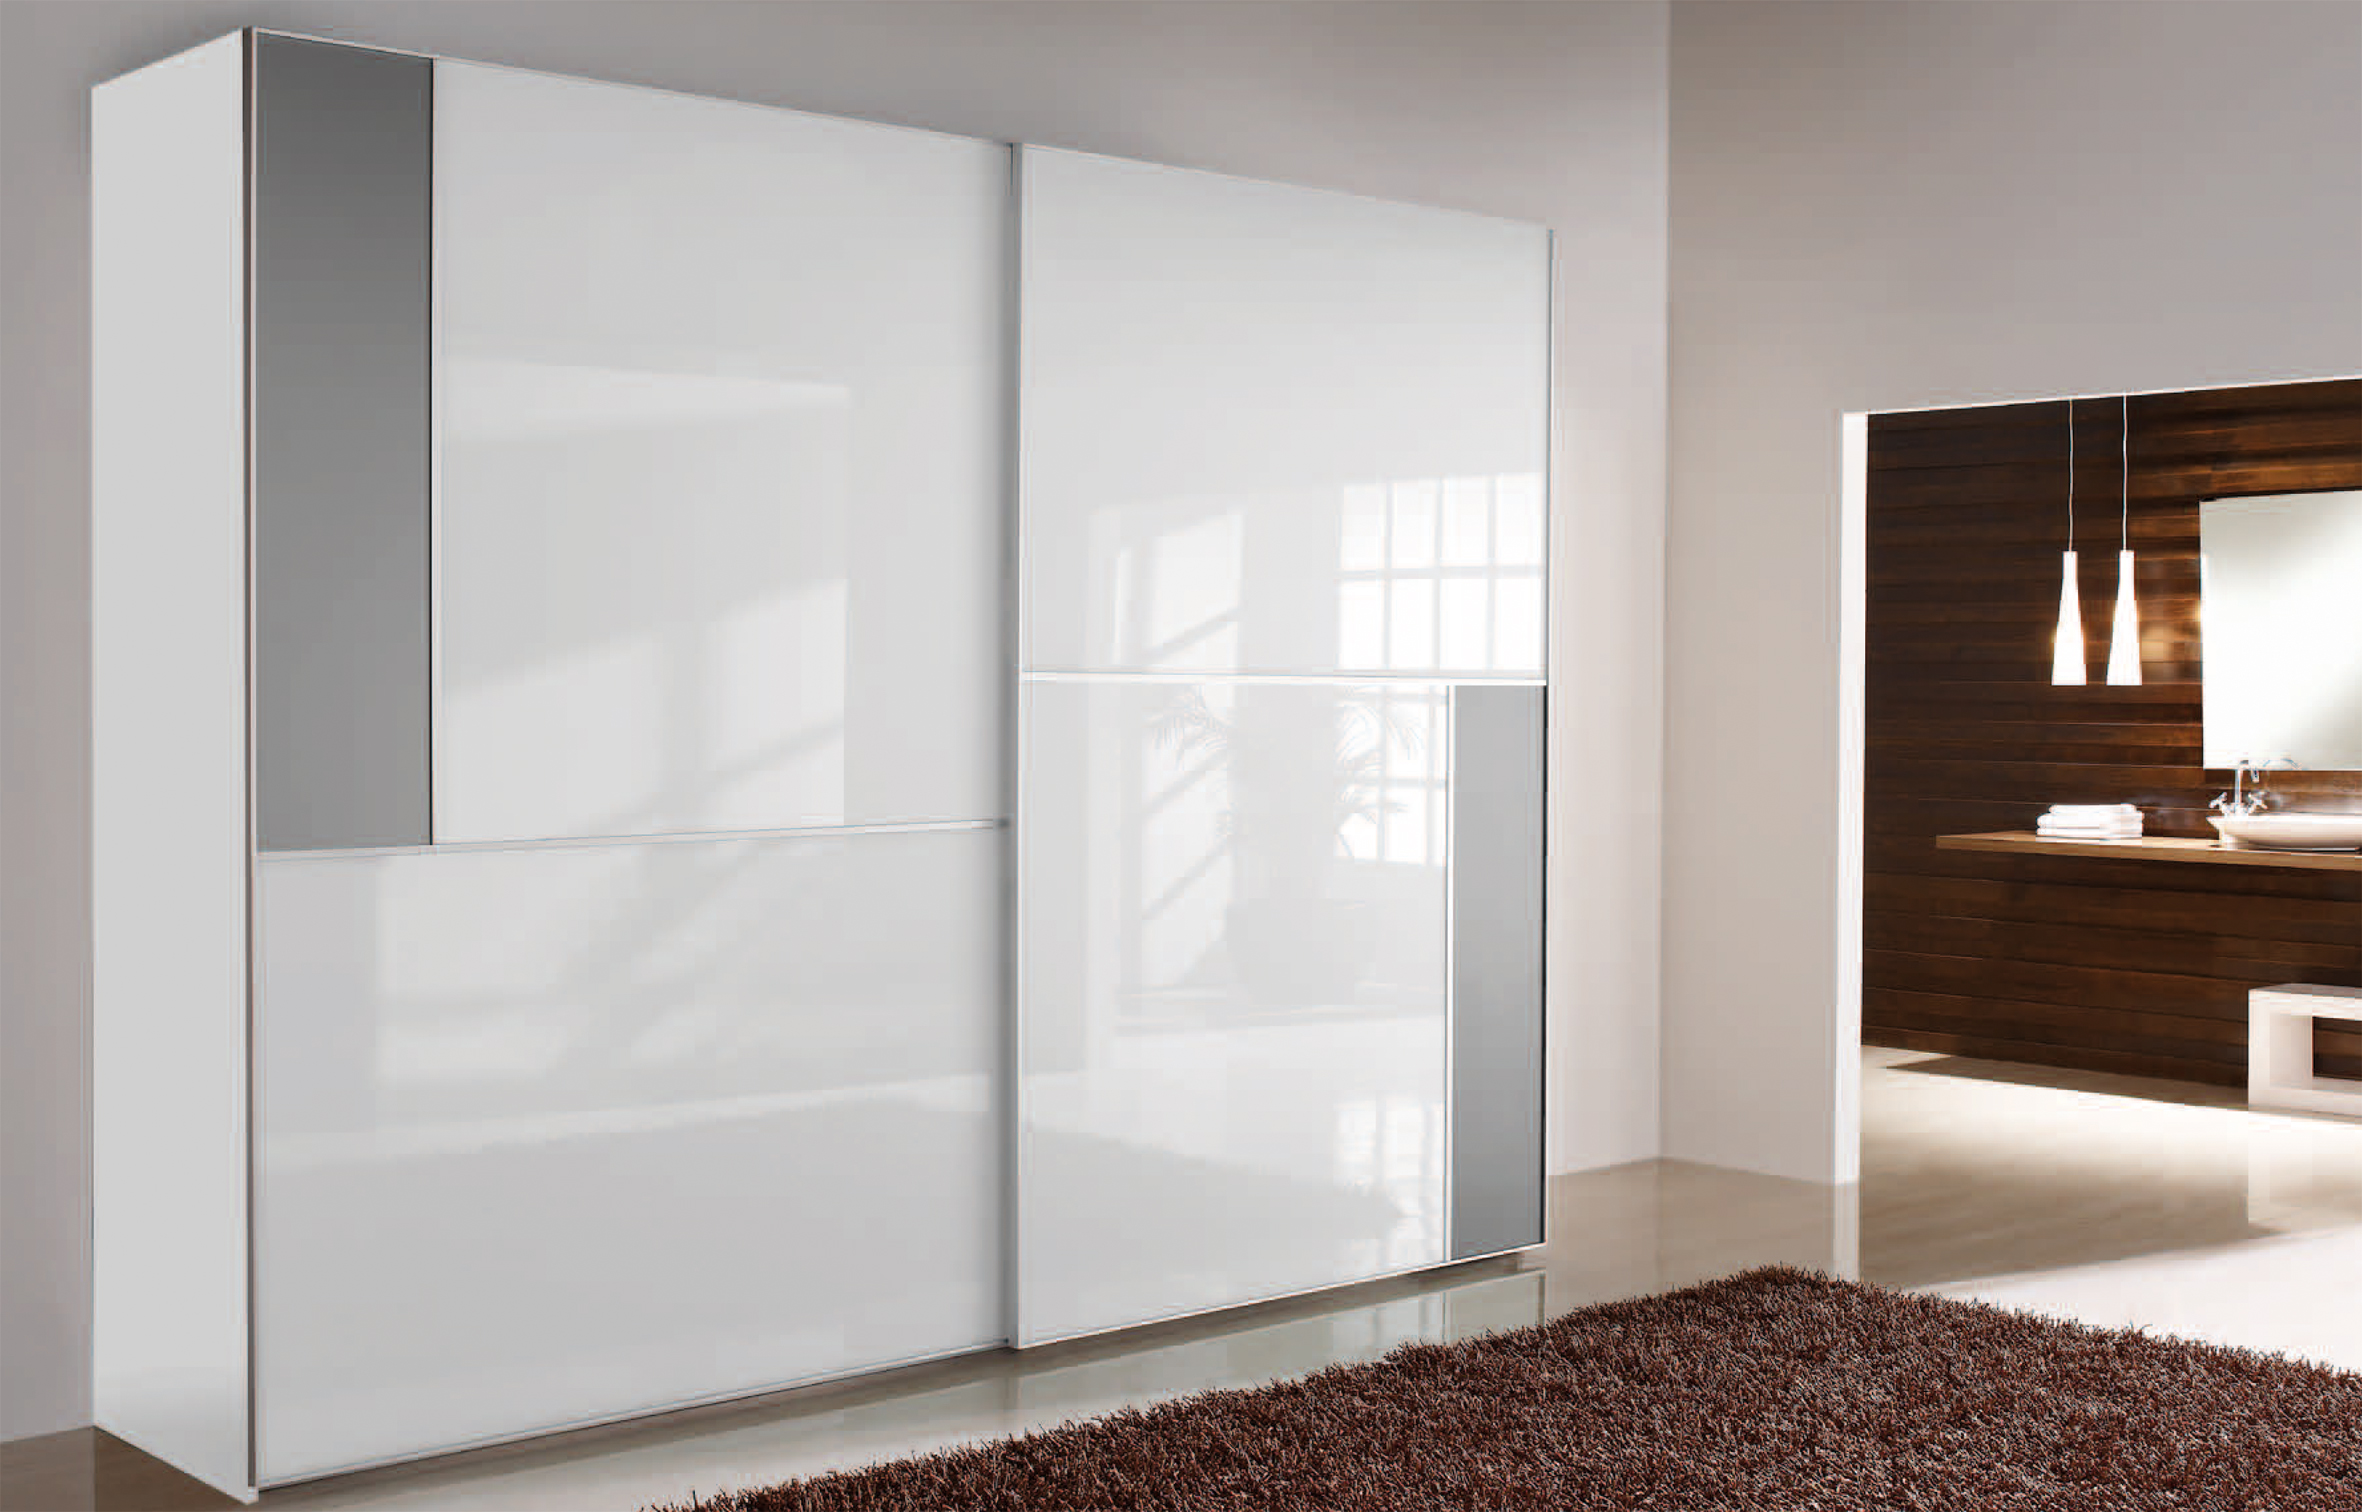 Armario puertas correderas modelo estocolmo puertas jemofer - Puertas correderas de armarios empotrados precios ...